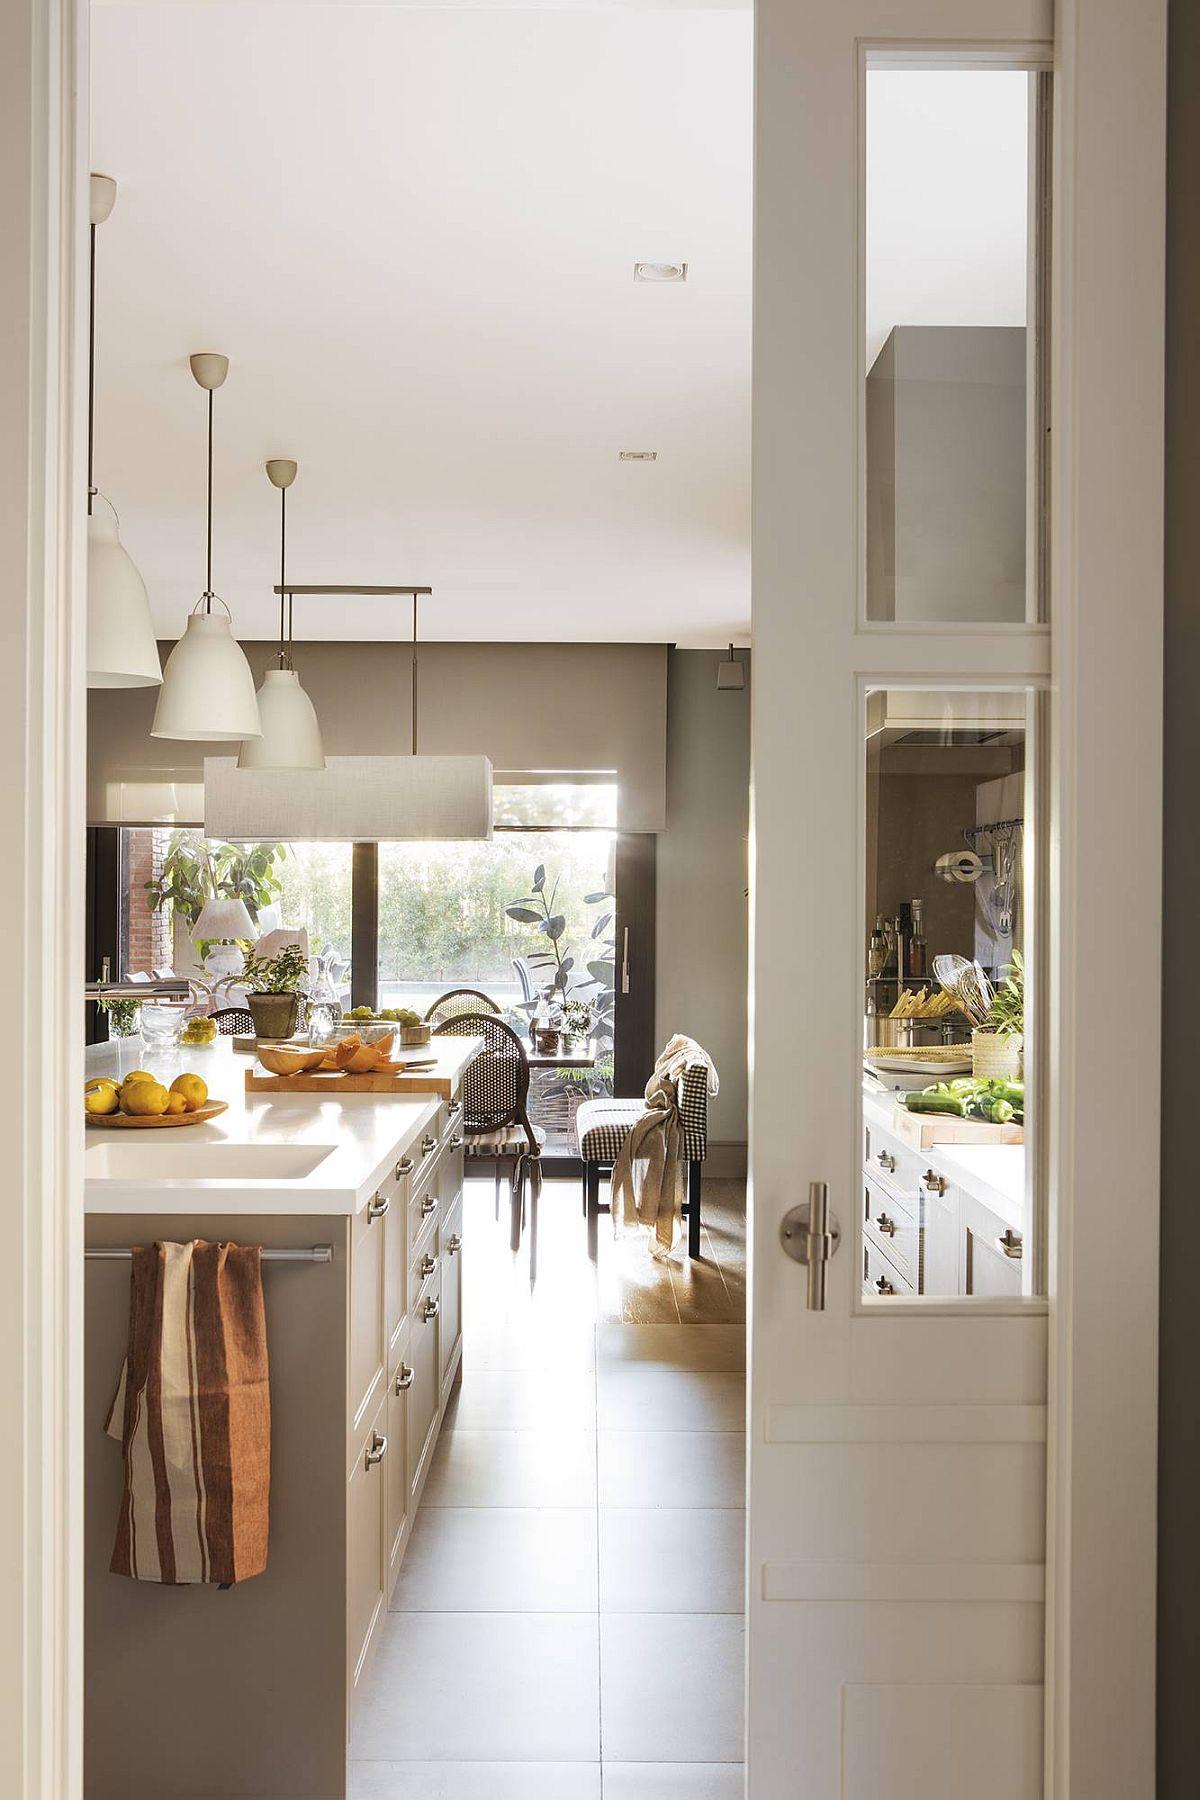 Bucătăria este separată față de living prin intermediul unei uși culisante, gândită încă din faza de proiect a casei. Ea culisează la interiorul zidurilor, ceea ce nu deranjează în niciun fel organizarea interioară a camerelor.